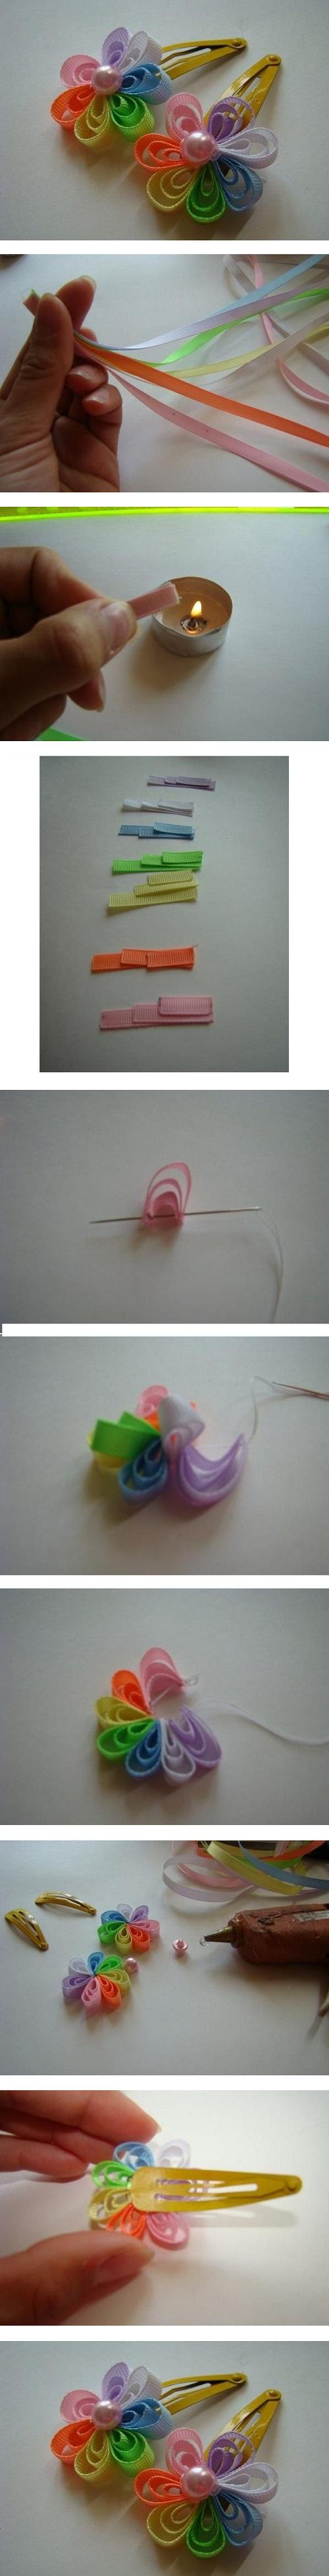 آموزش تصویری درست کردن گل با روبان